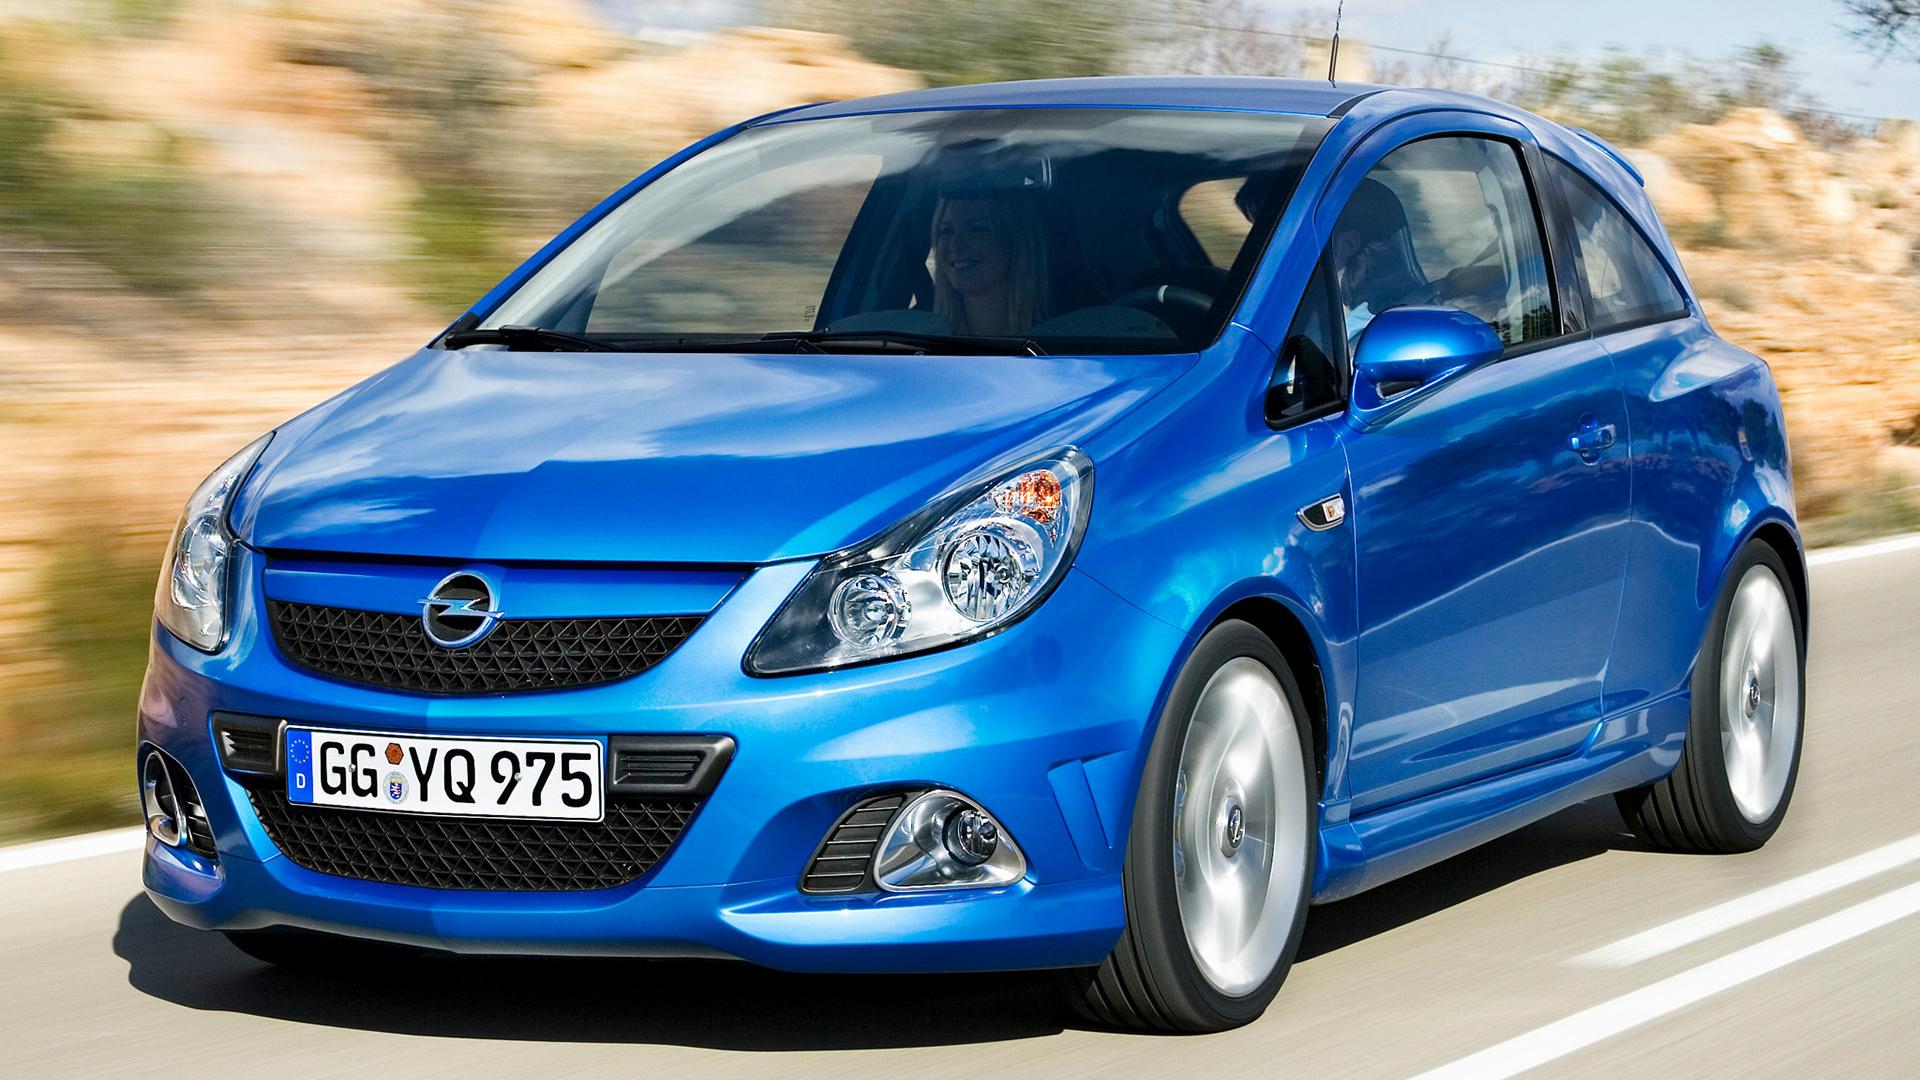 2007 Opel Corsa Opc 3 Door Wallpapers And Hd Images Car Pixel